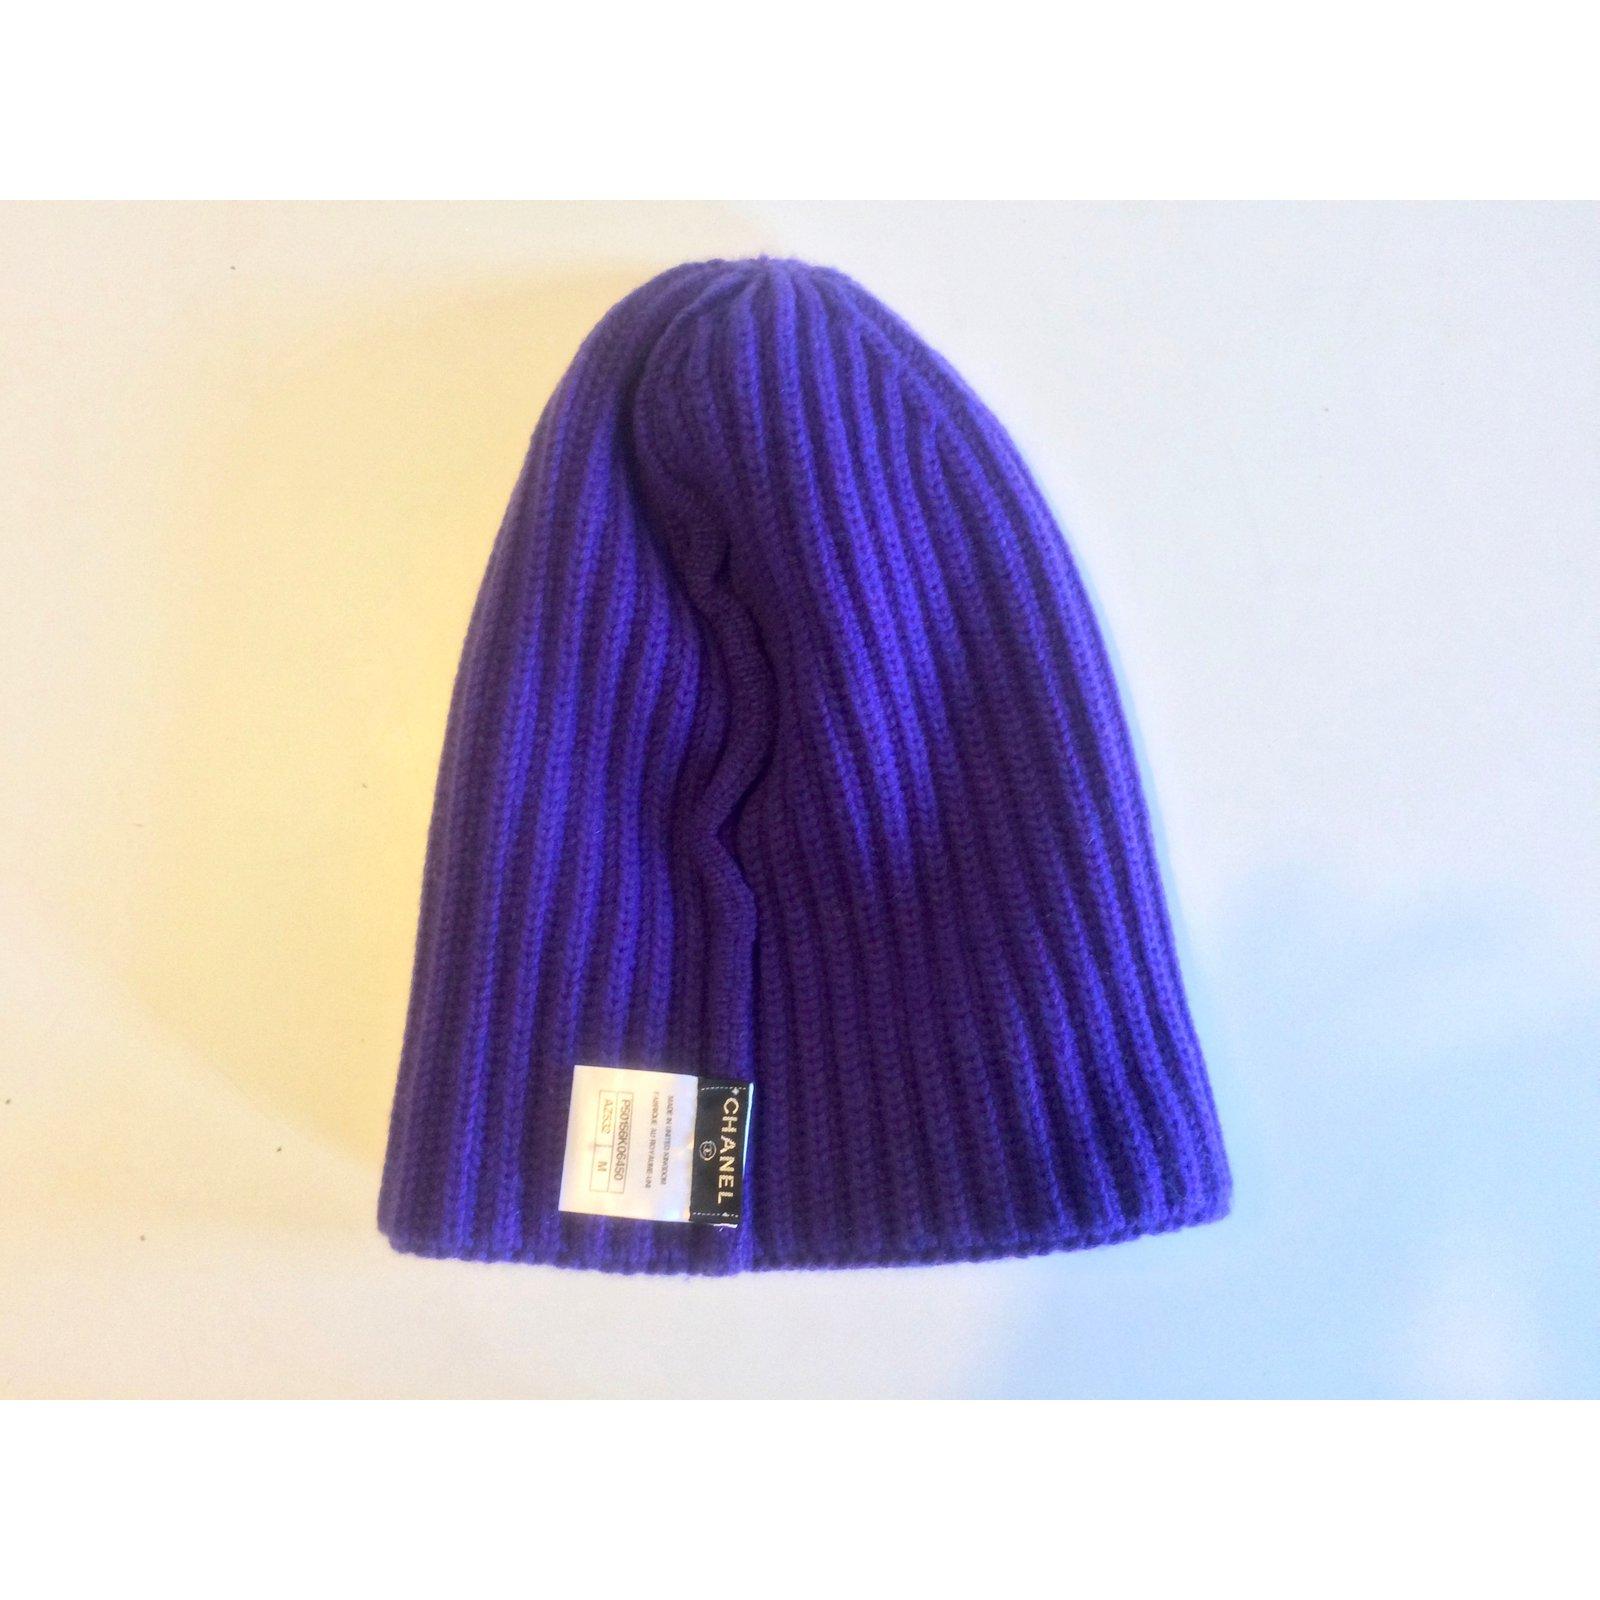 Chapeaux Chanel Bonnet Chanel 100% cachemire Cachemire Violet ref.104634 ,  Joli Closet